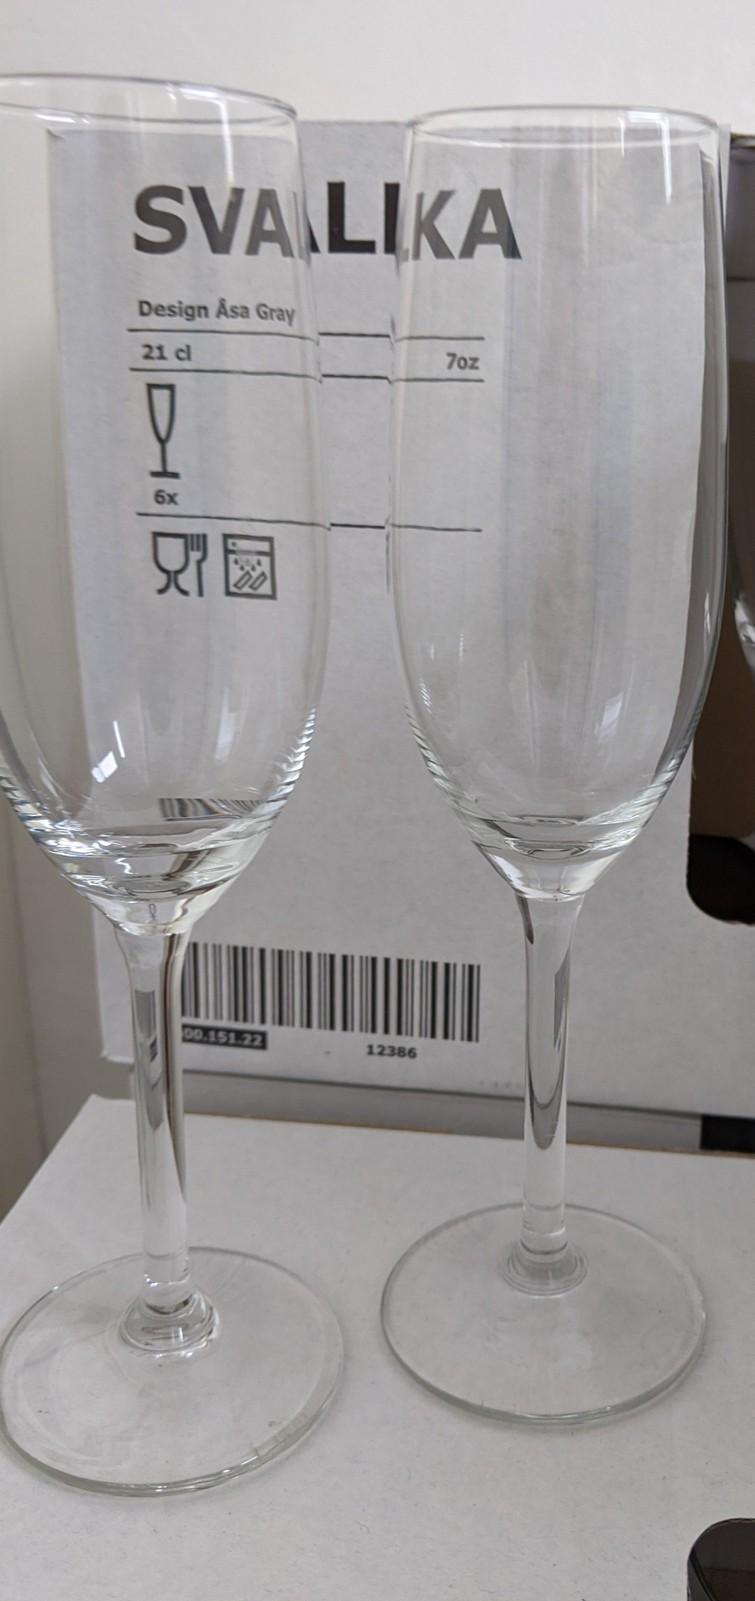 44 champagneglazen (minder ook mogelijk)